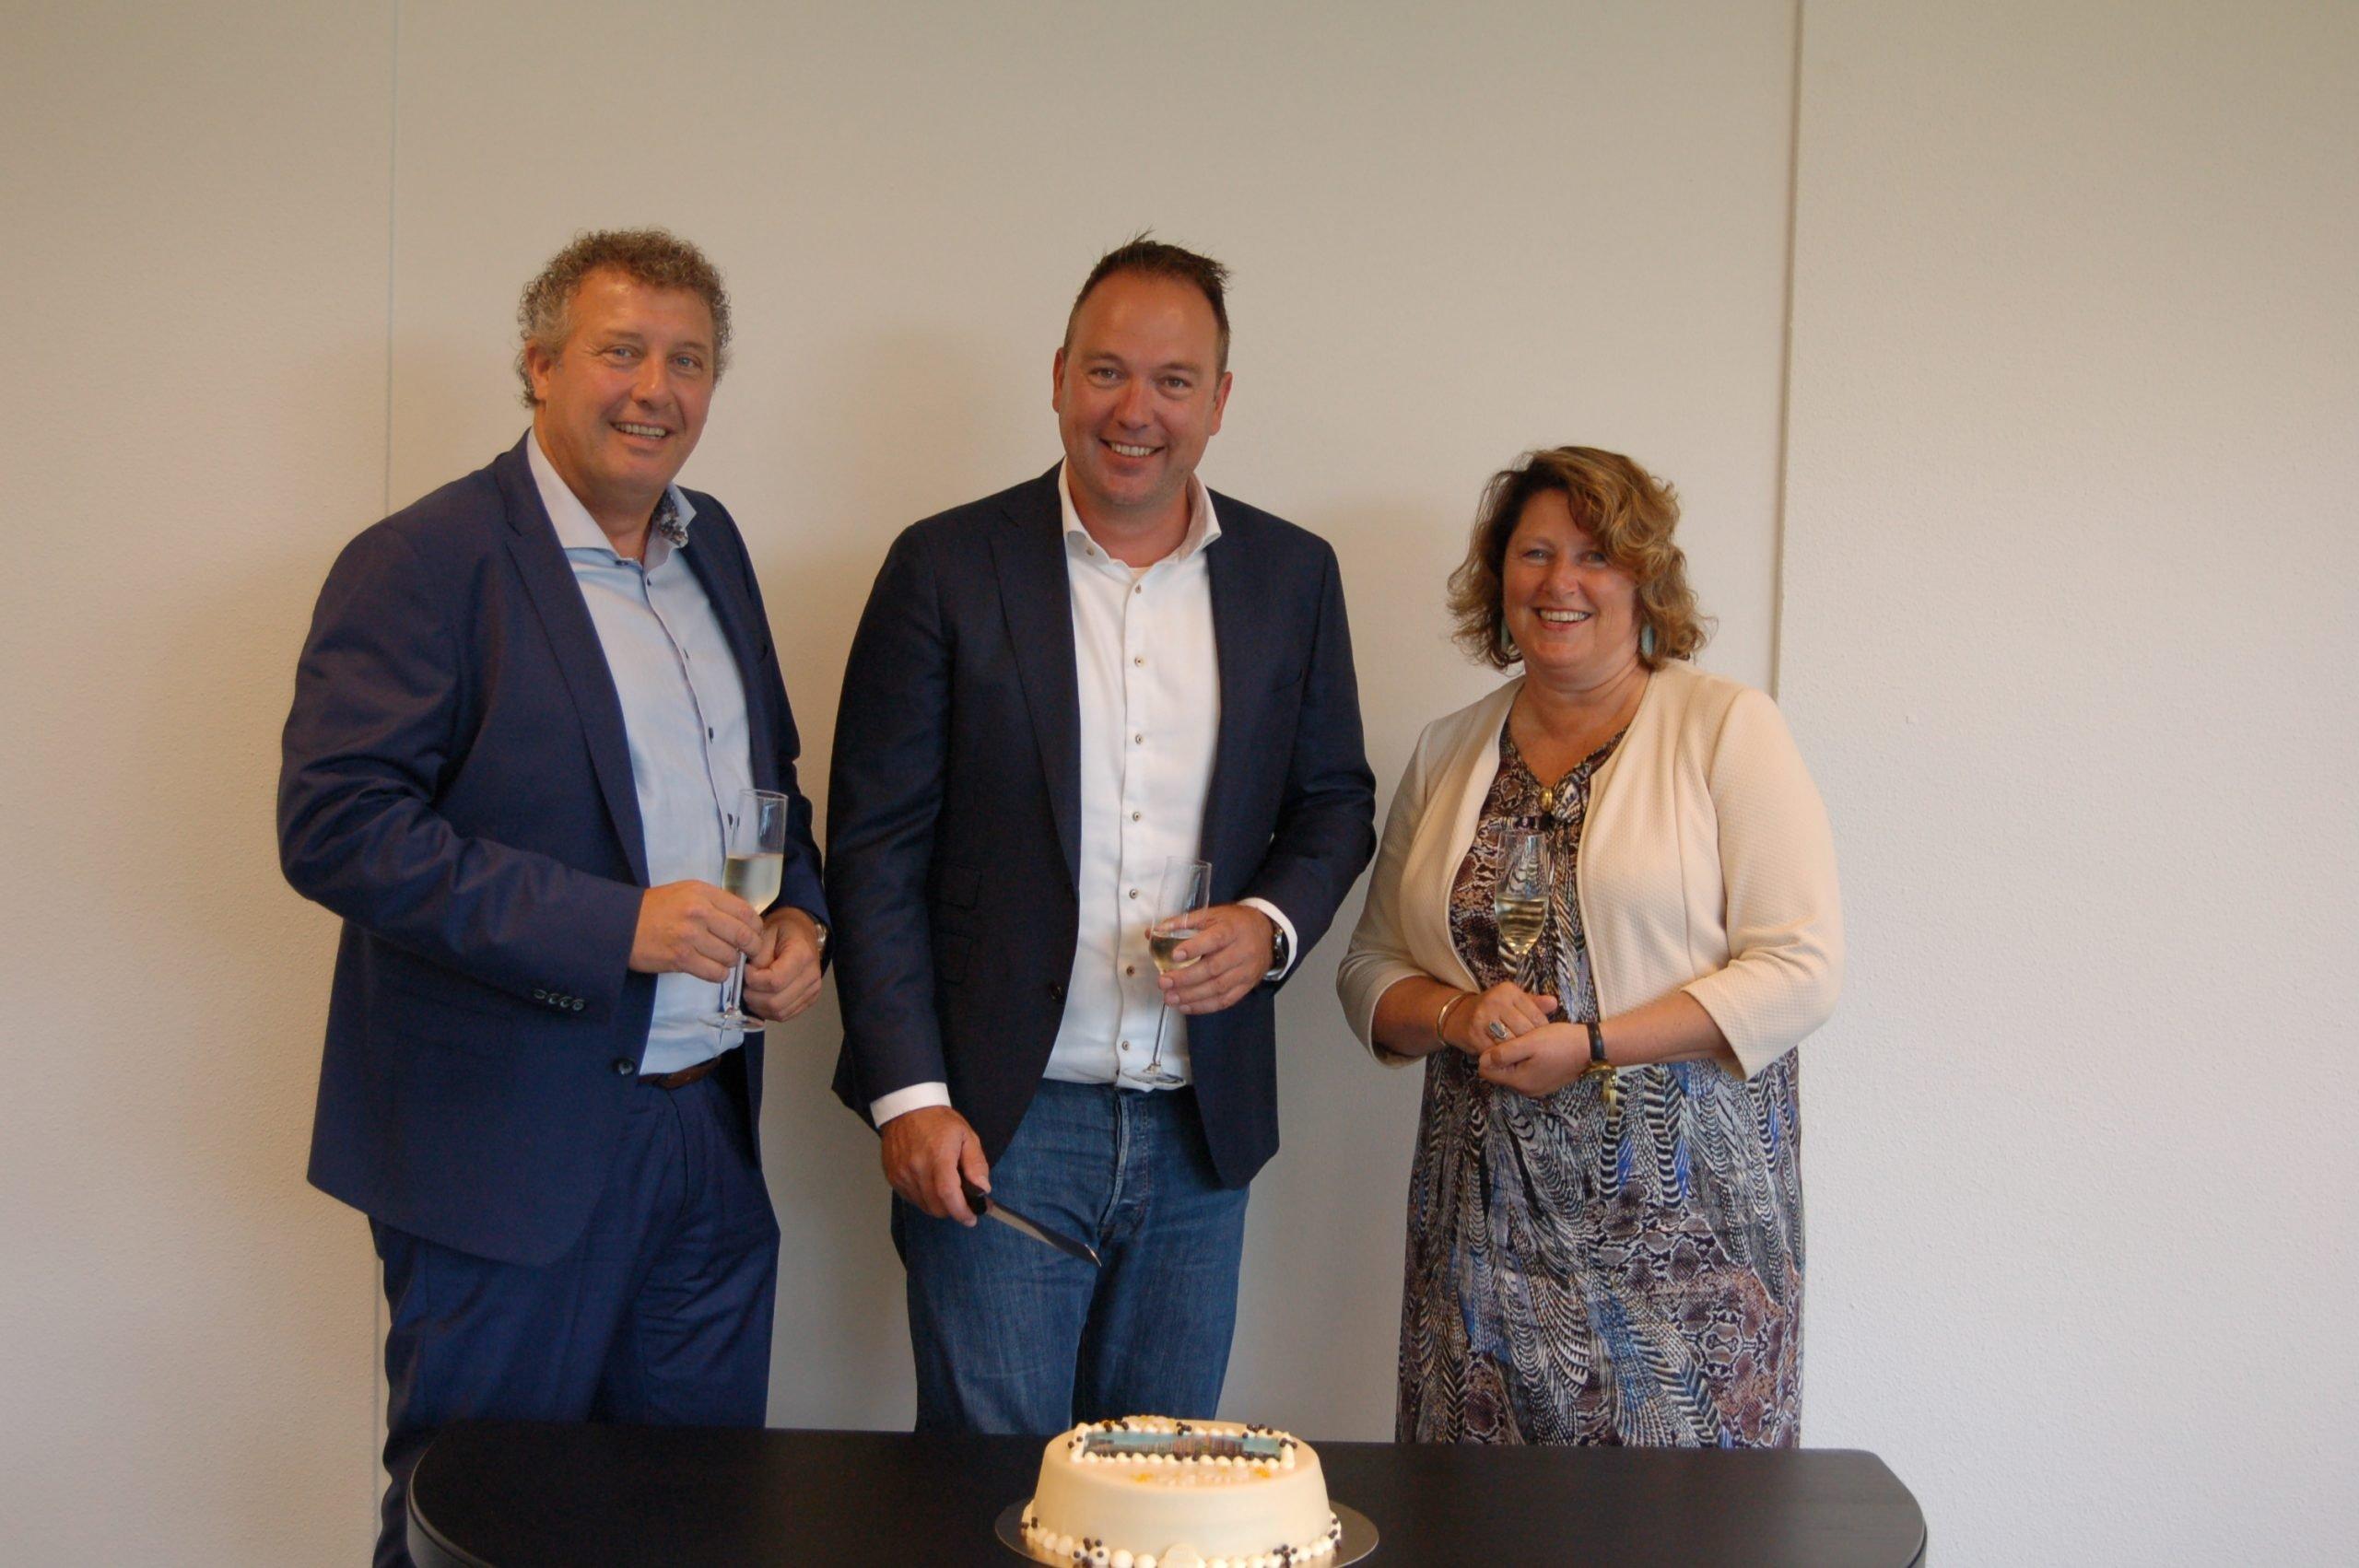 Timpaan en Ontwikkeladviseur tekenen met Thunnissen de bouwteamovereenkomst voor 163 woningen naast station Kogerveld in Zaandam